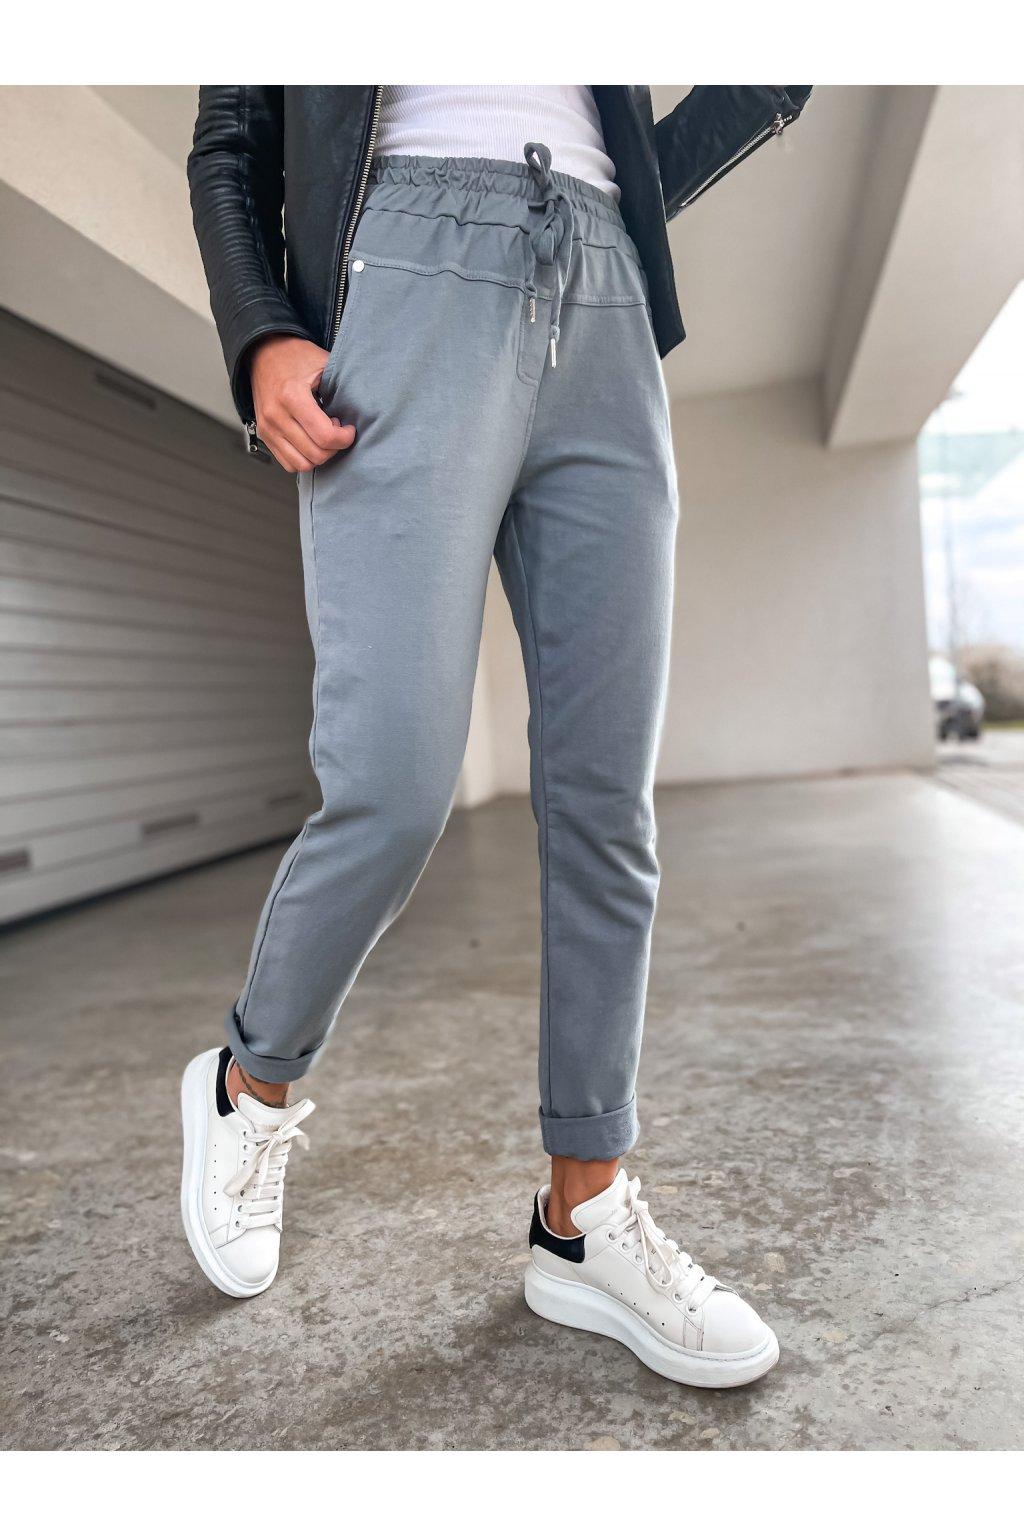 damske teplakove kalhoty pascall dark grey eshopat cz 7